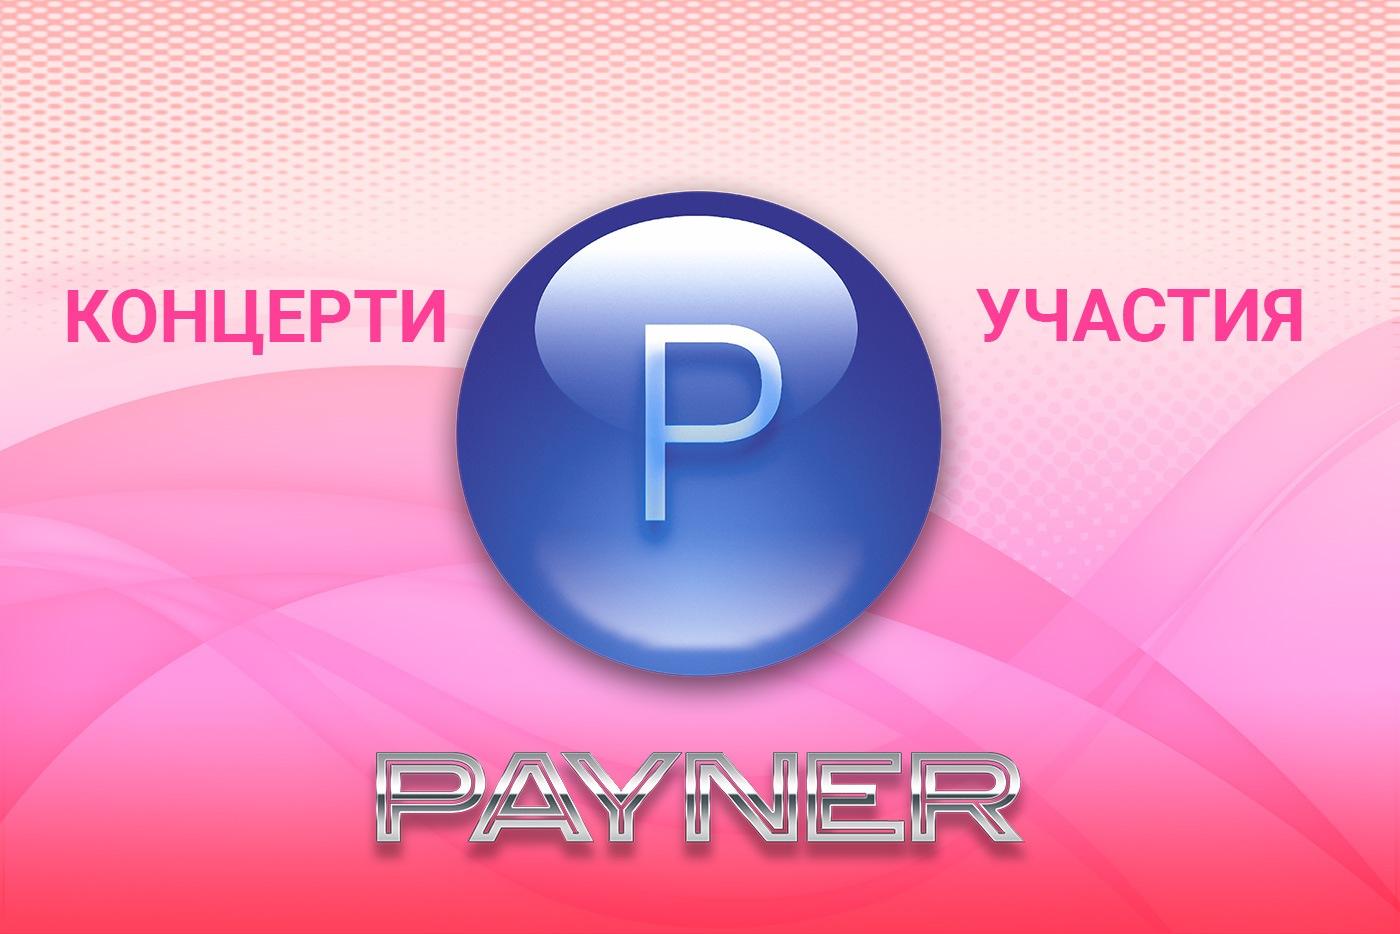 """Участия на звездите на """"Пайнер"""" на 14.07.2020"""